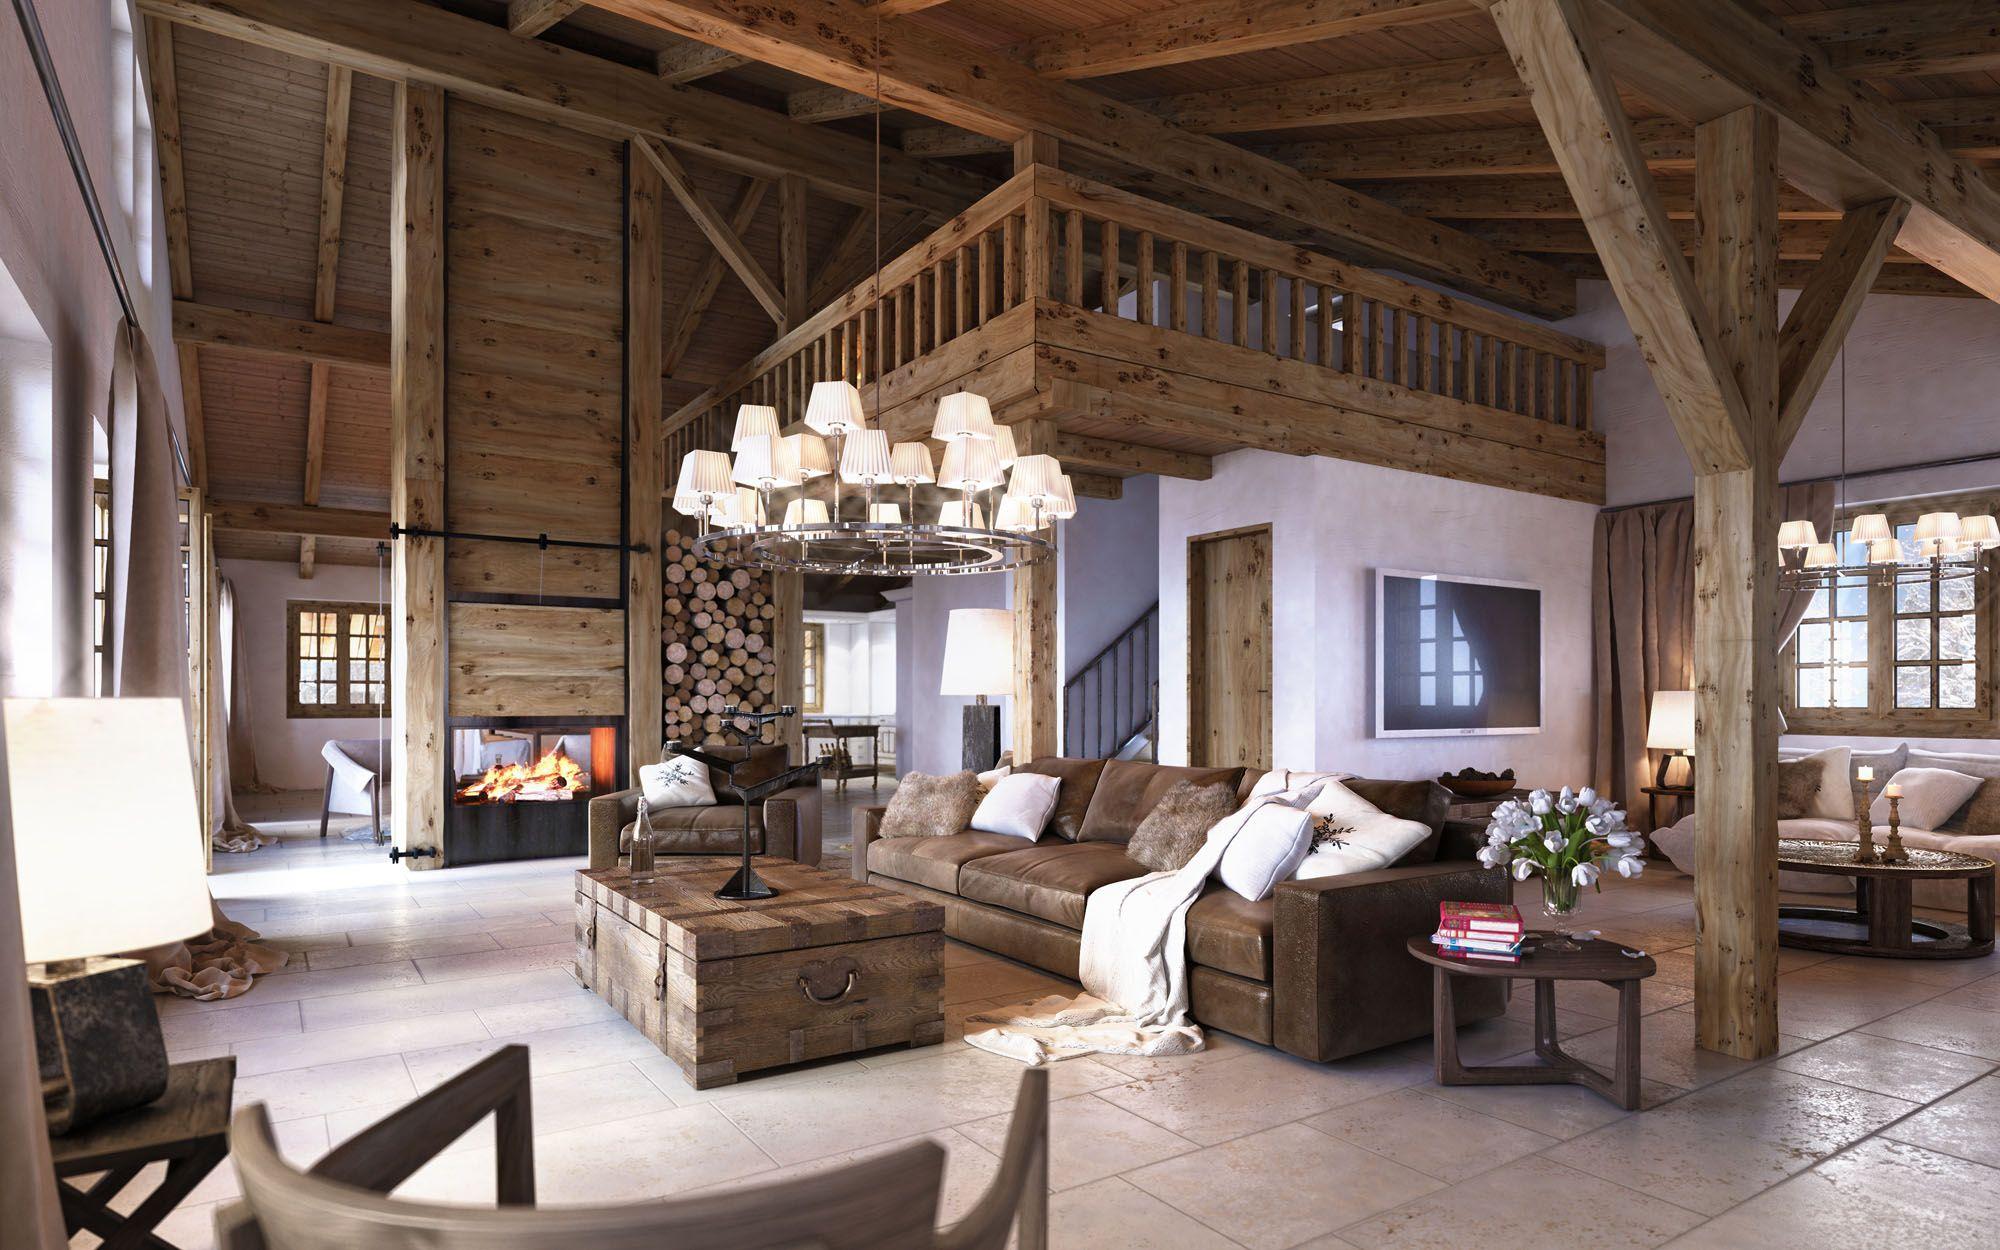 Wandgestaltung Wohnzimmer Ideen: Wohnzimmer streichen ...